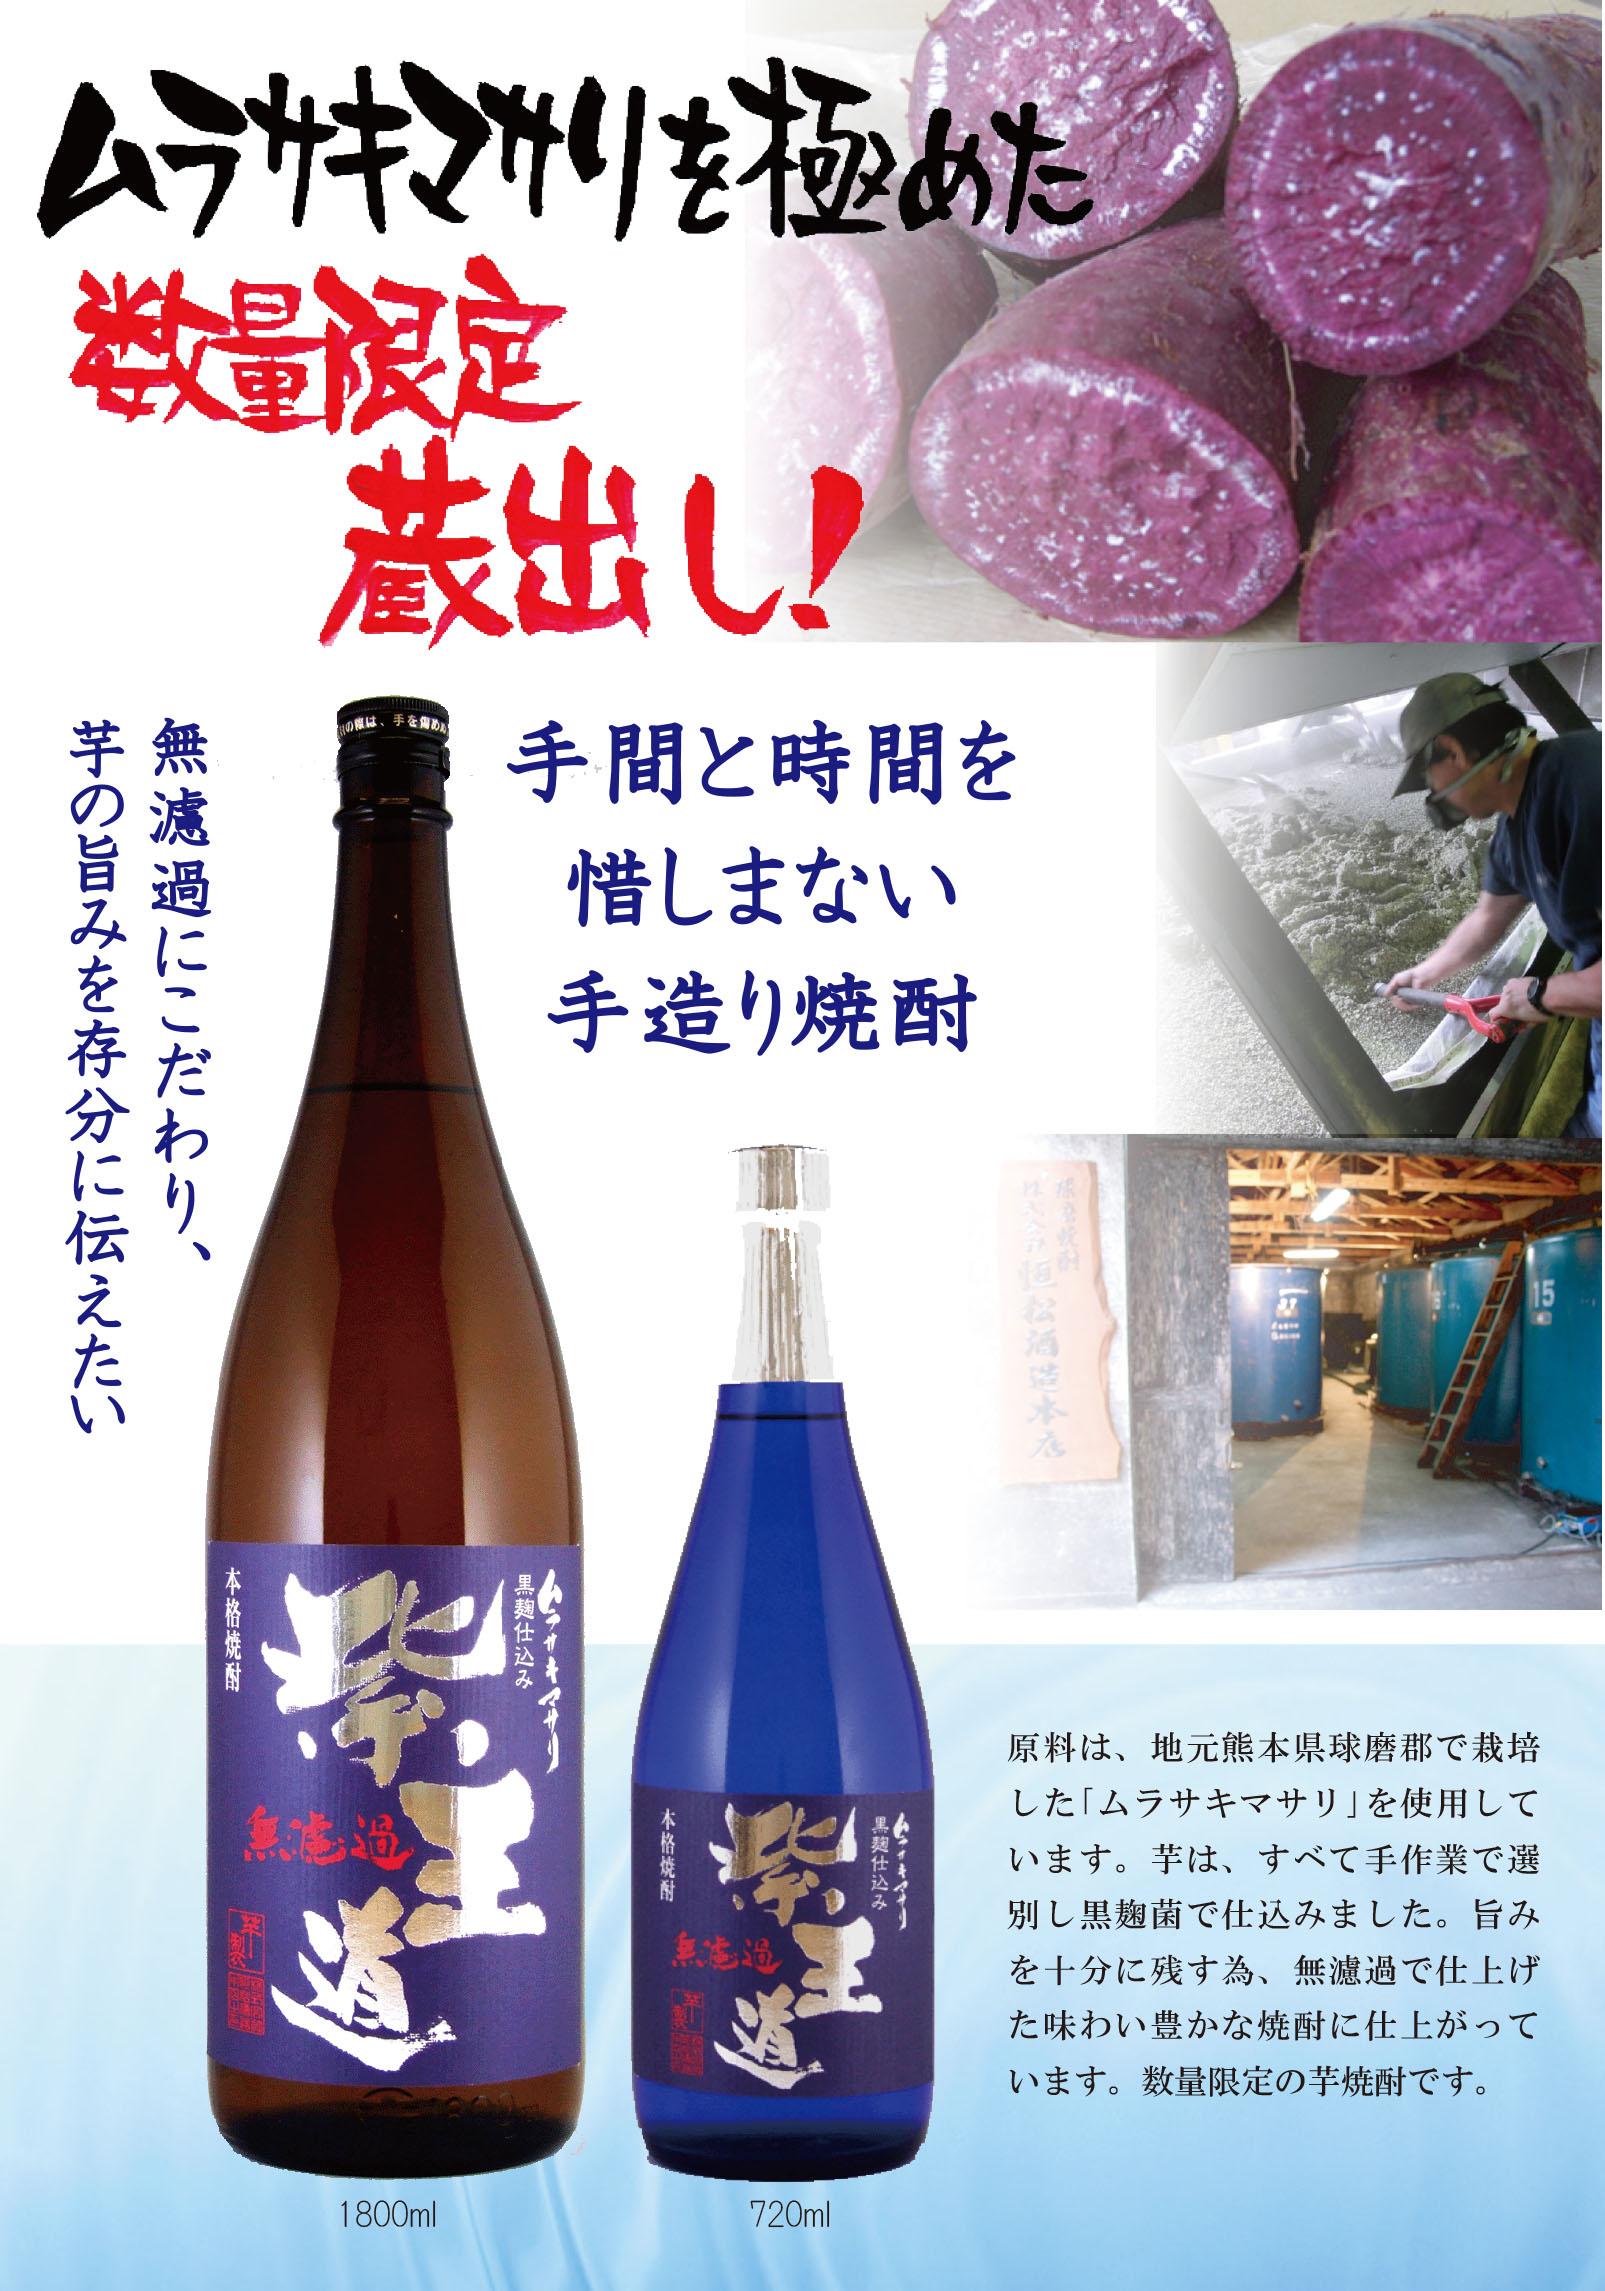 紫王道蔵出しPOP2020